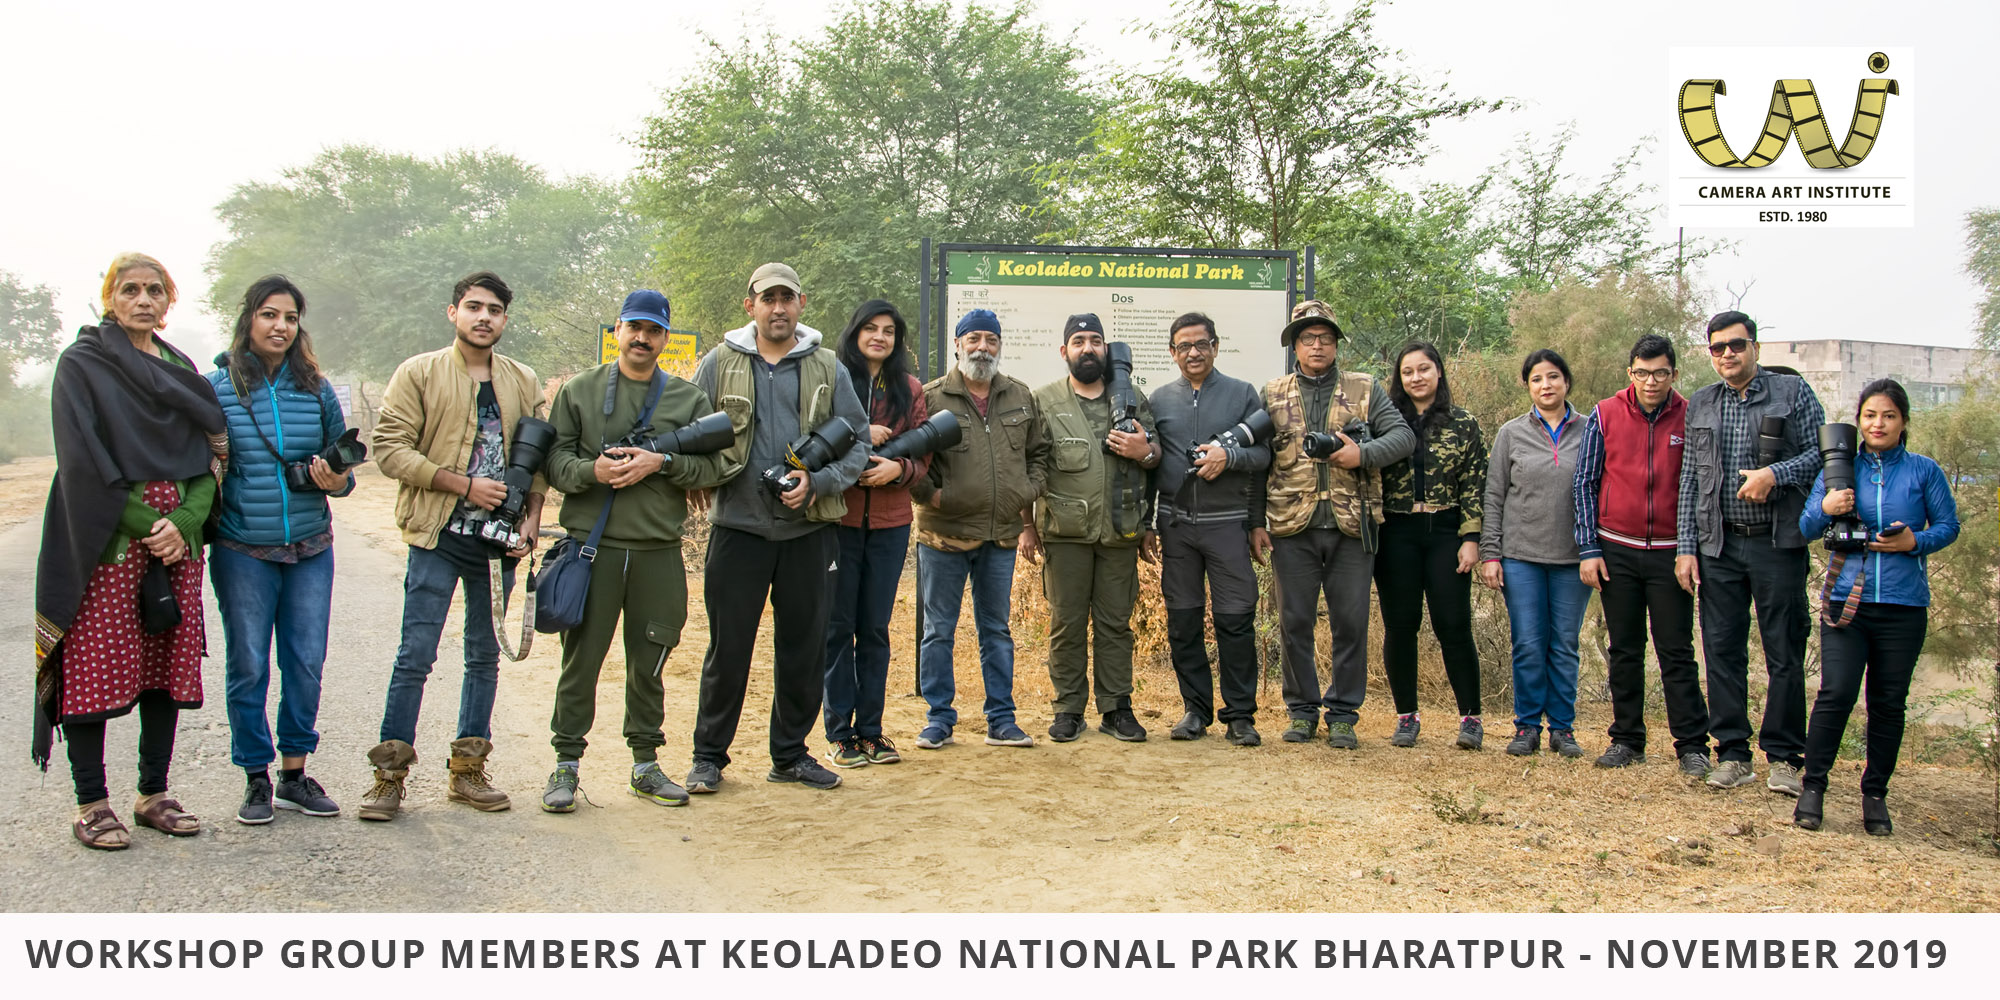 Group at Keoladeo National Park